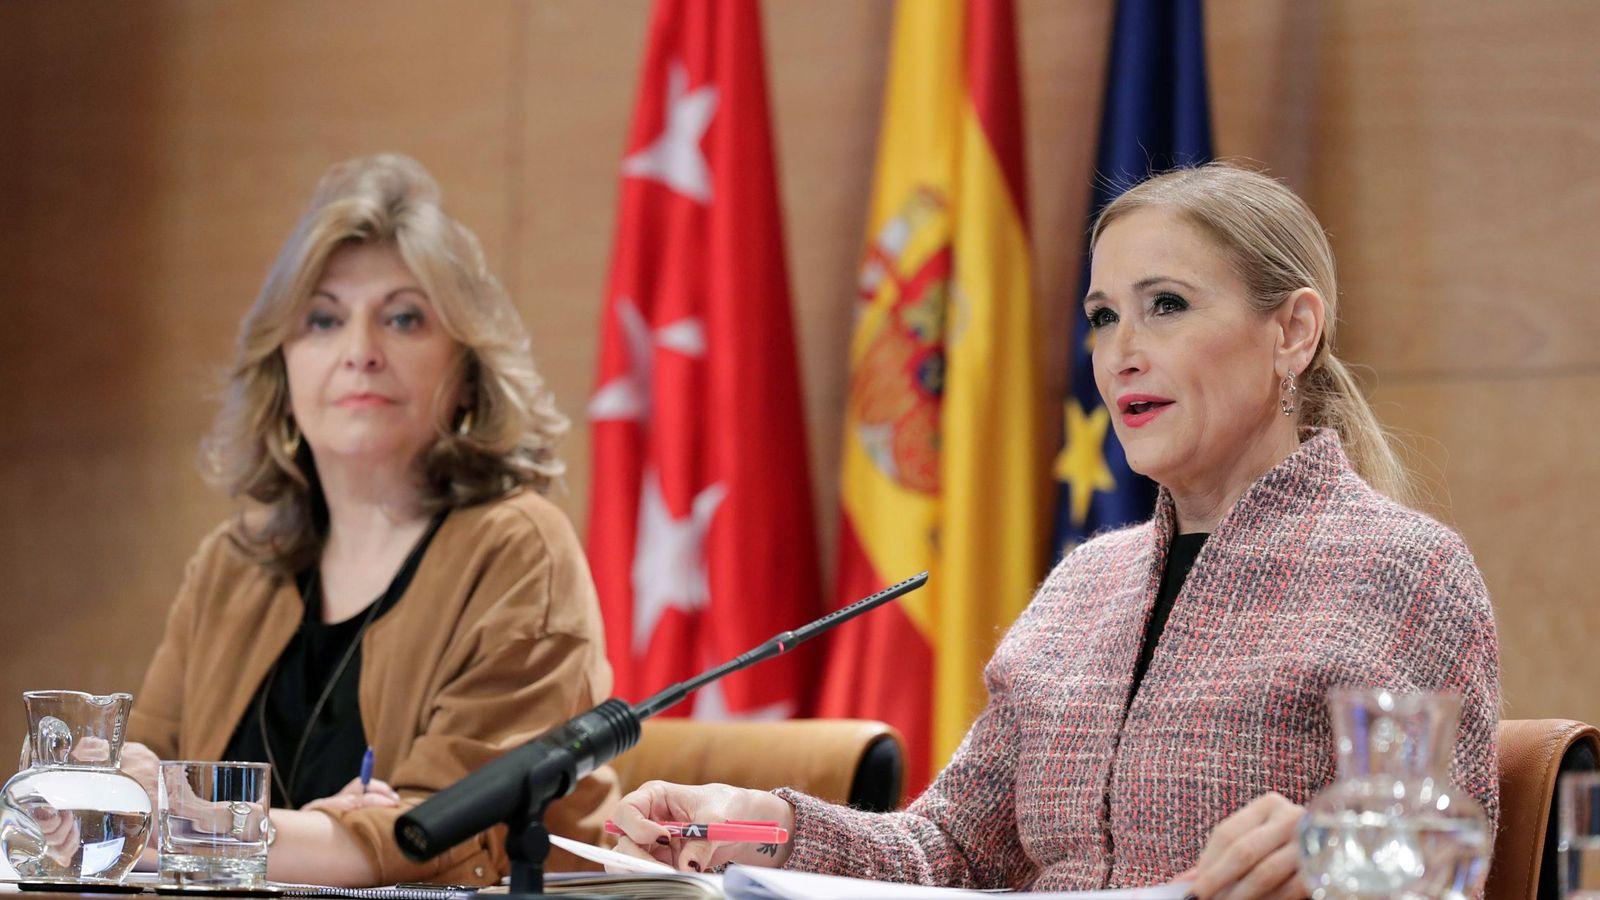 Foto: La presidenta regional Cristina Cifuentes, junto a la consejera madrileña de Economía, Engracia Hidalgo. (EFE)